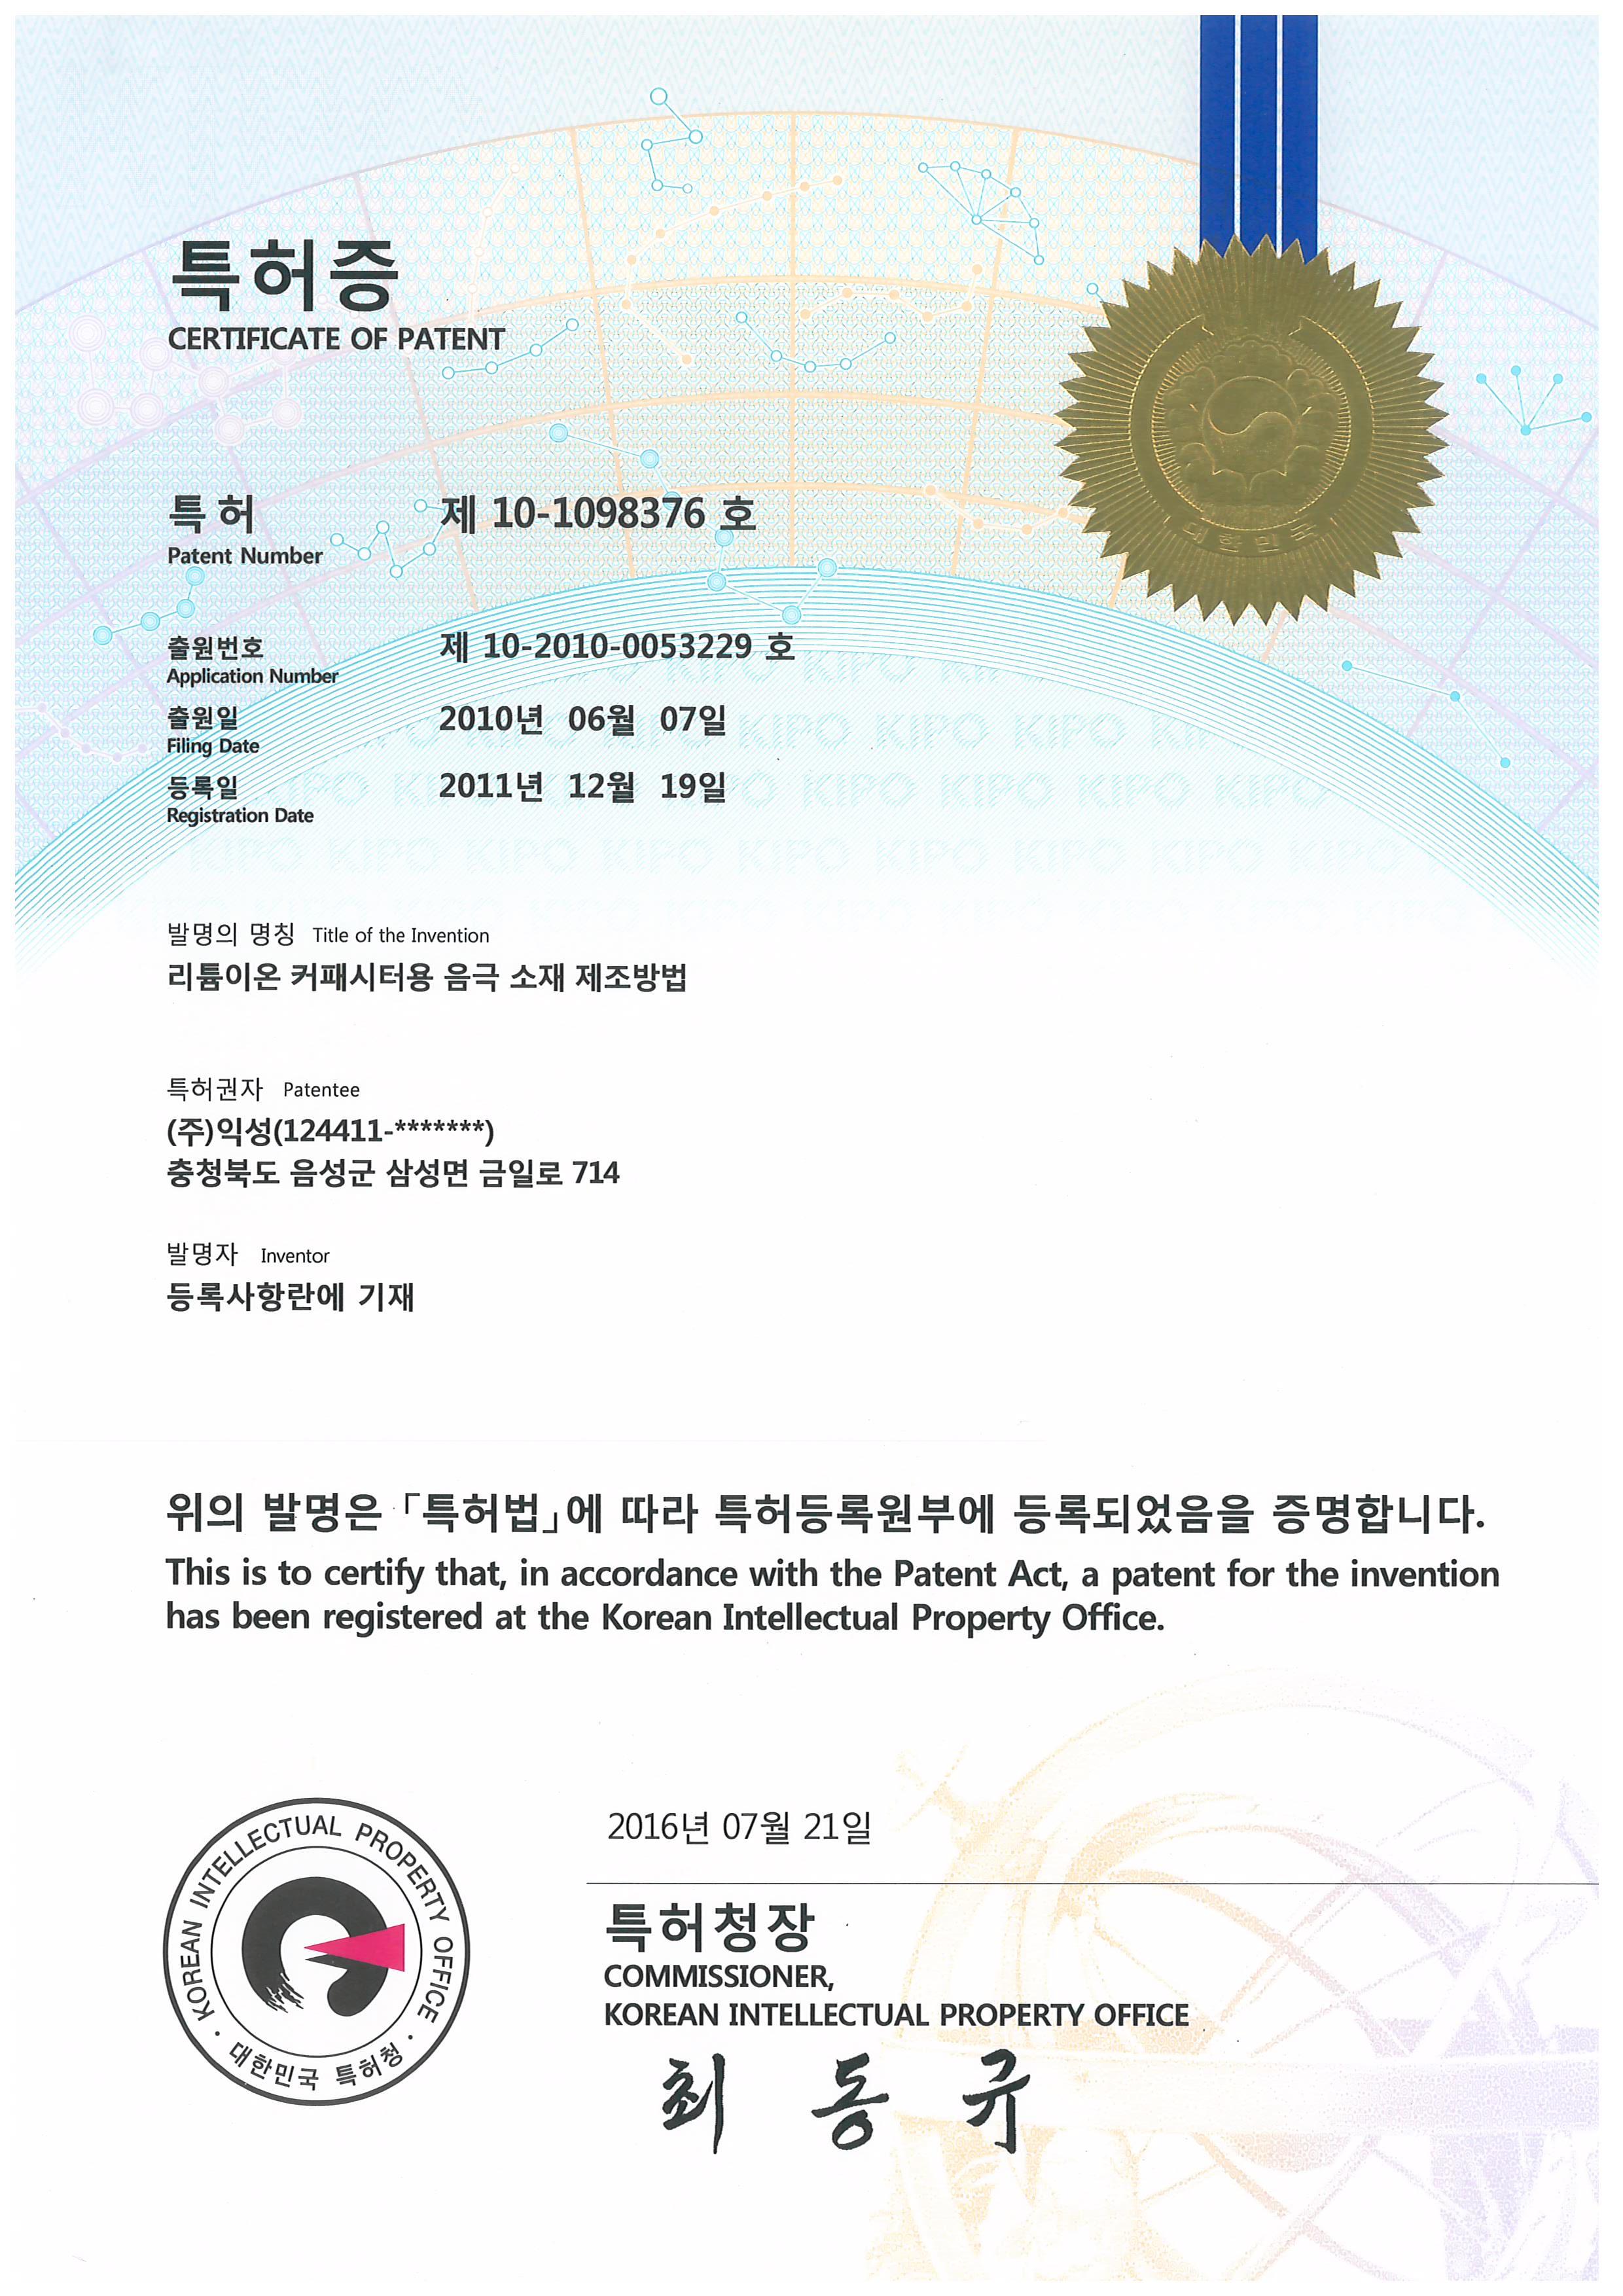 제 10-1098376호 리튬이온 커패시터용 음극 소재 제조방법.jpg